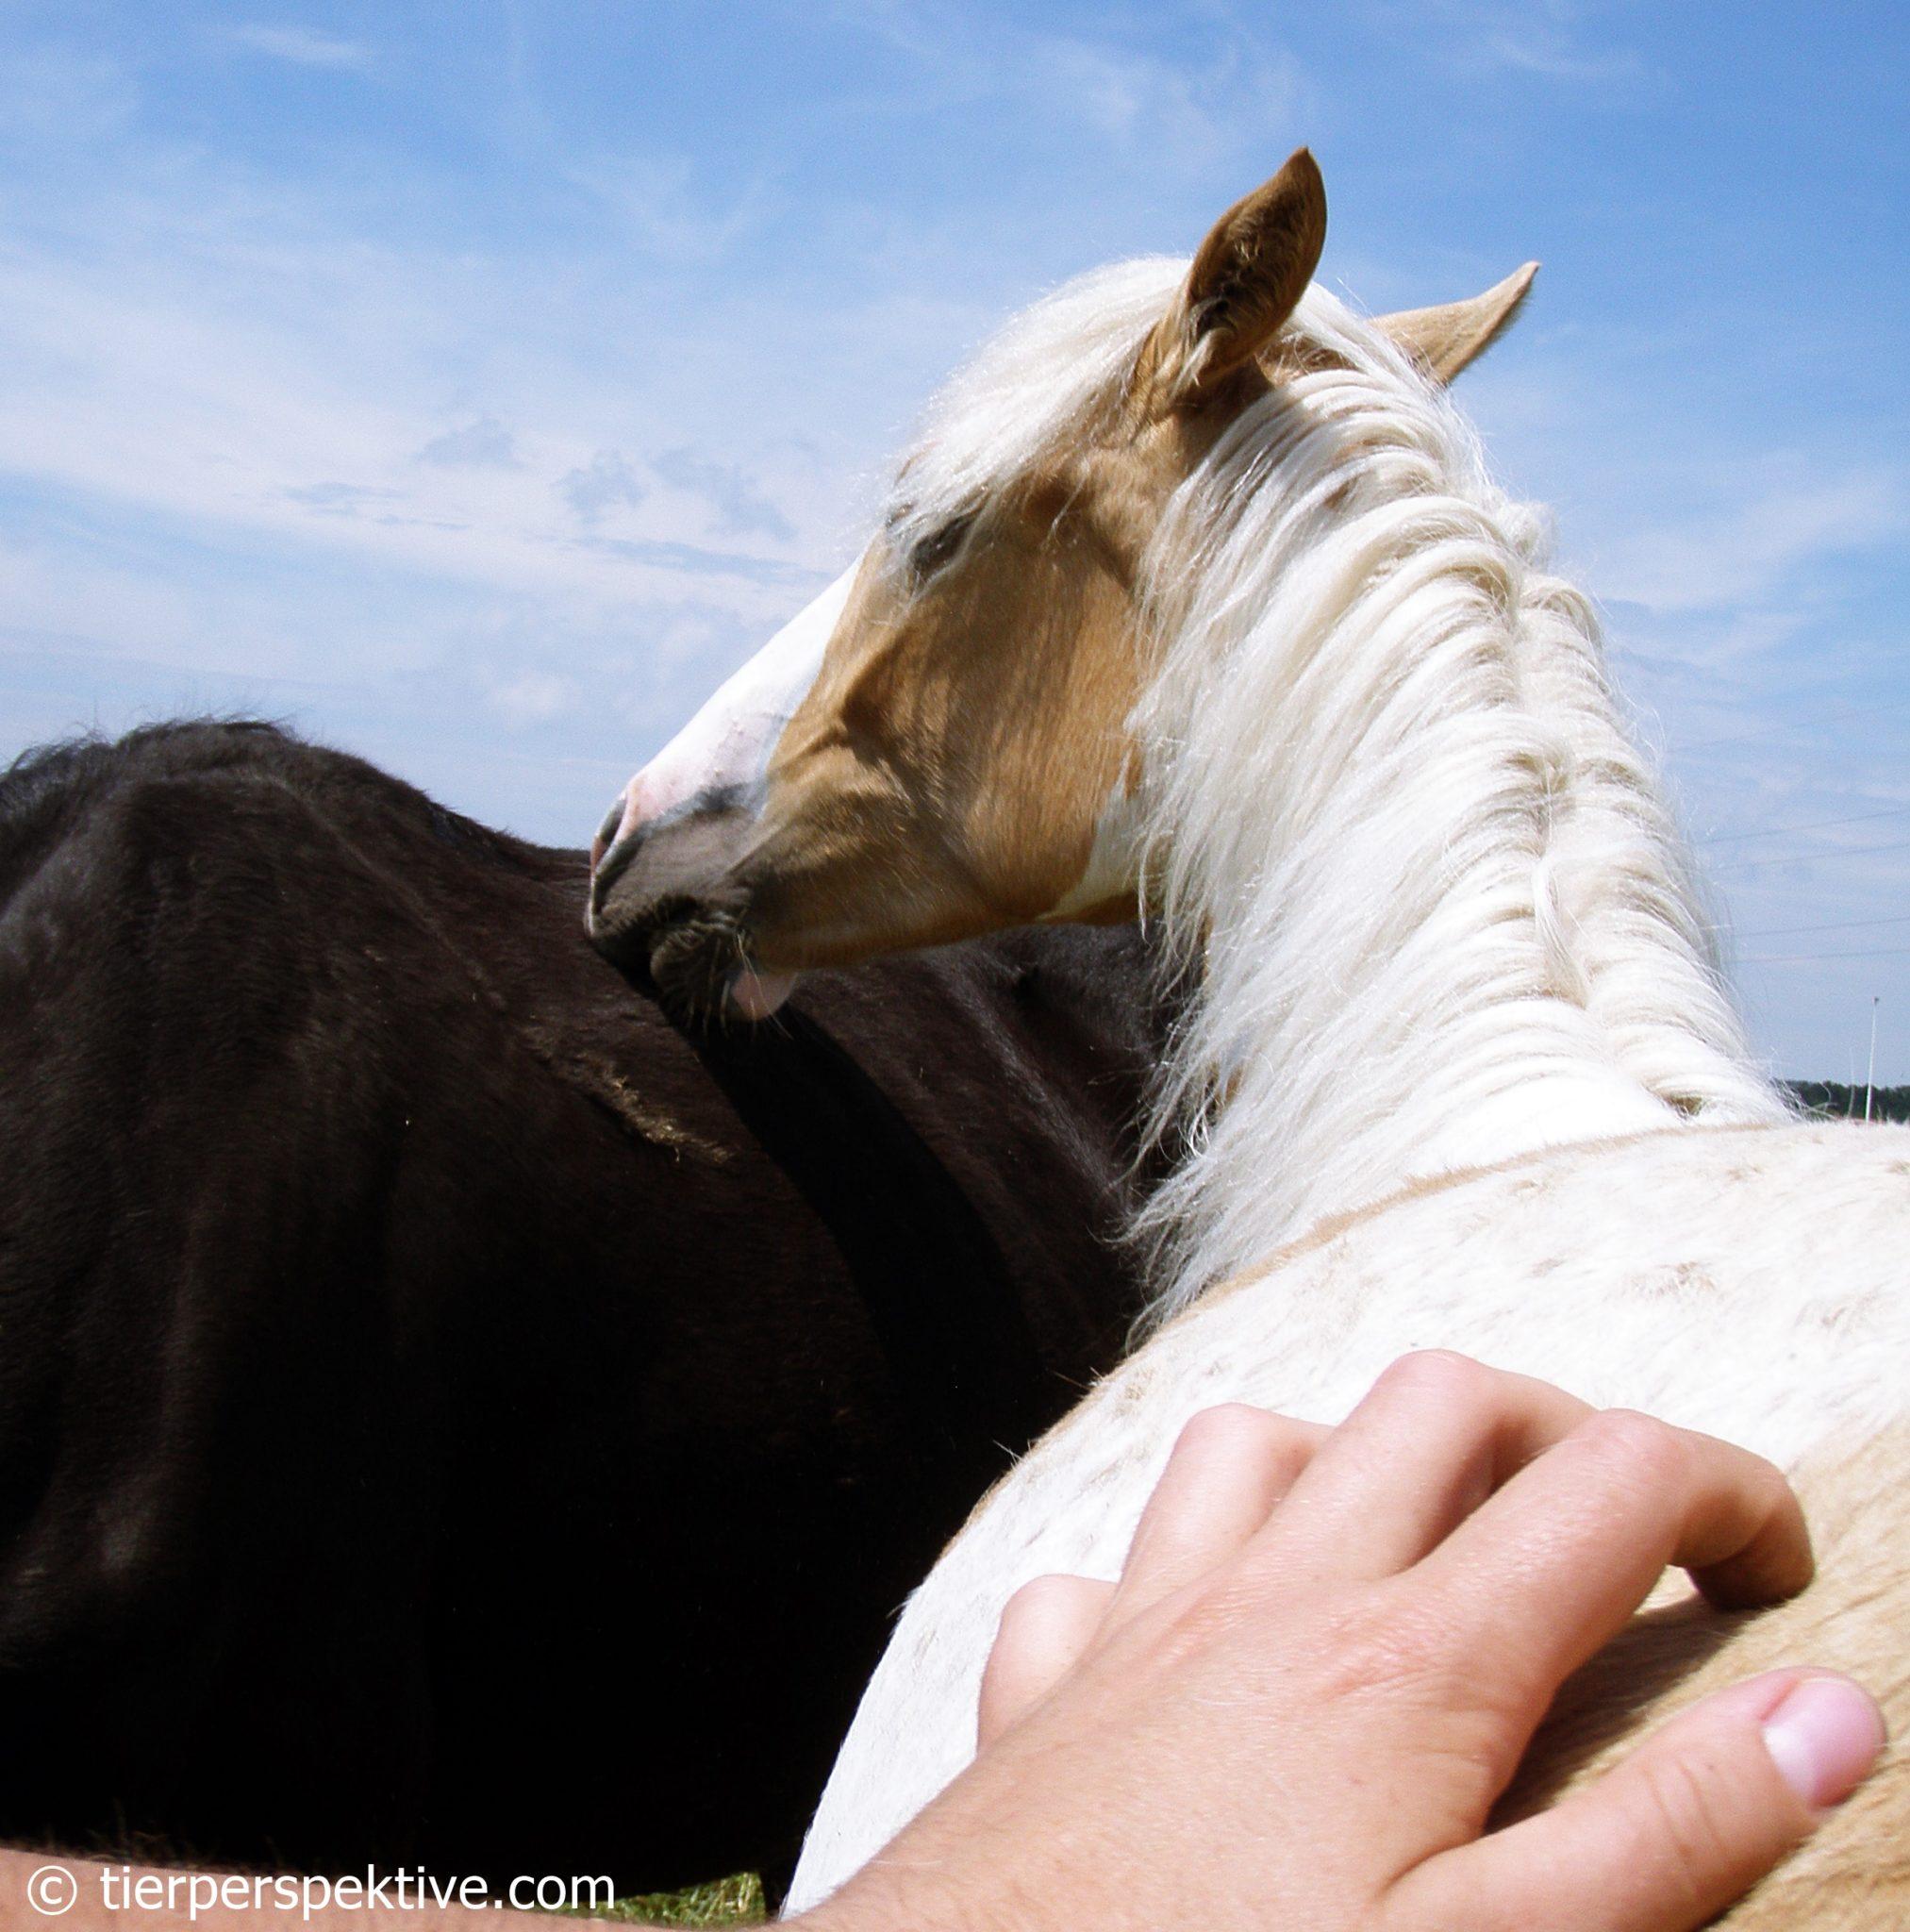 pferd krault mensch